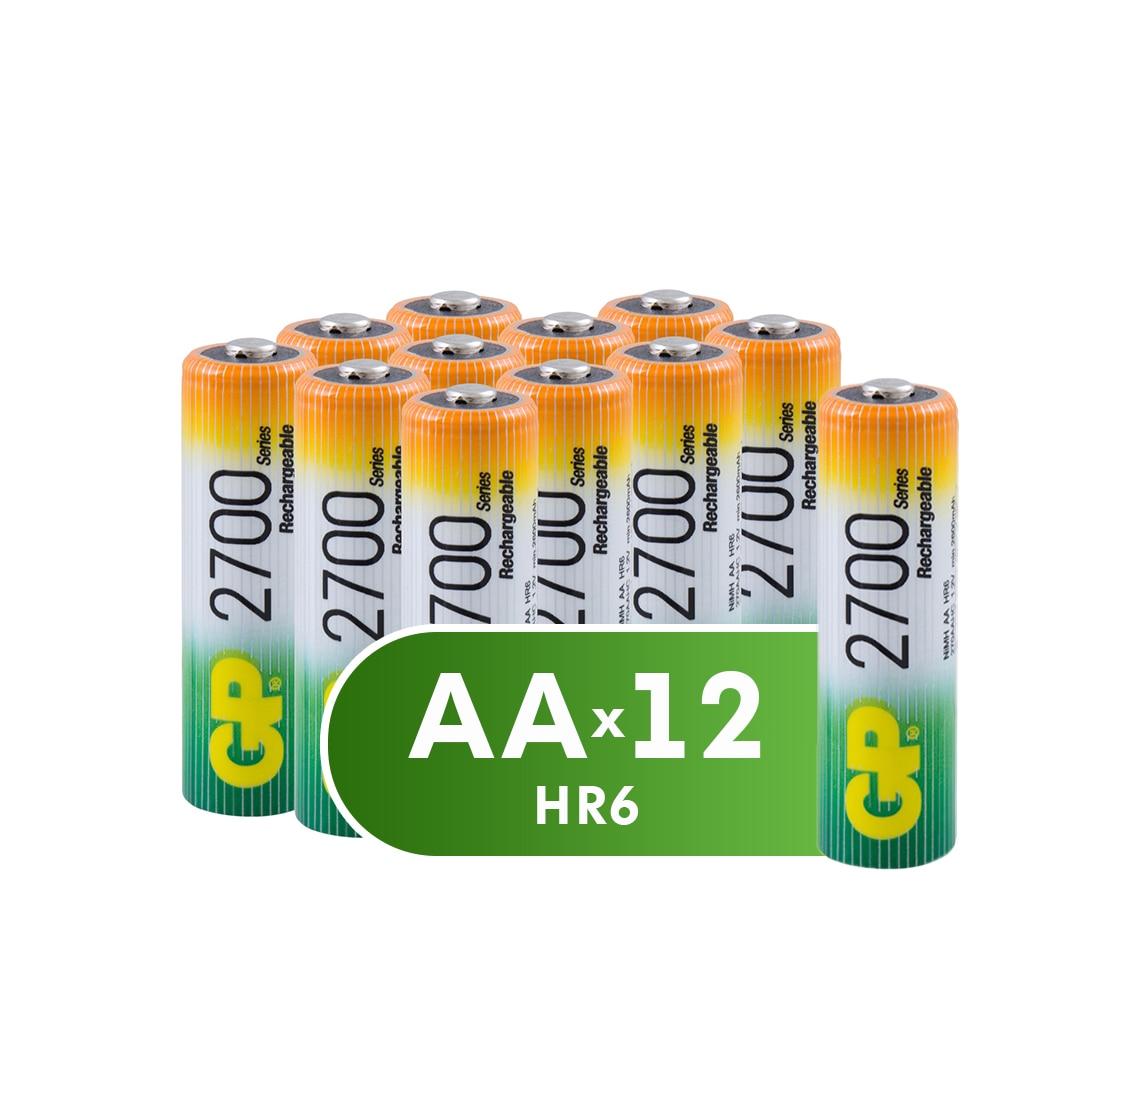 Аккумуляторная батарейка GP АА (HR6) 2700 мАч, 12 шт, для питаниея приборов и устройств с высоким энергопотреблением, 1.2 V